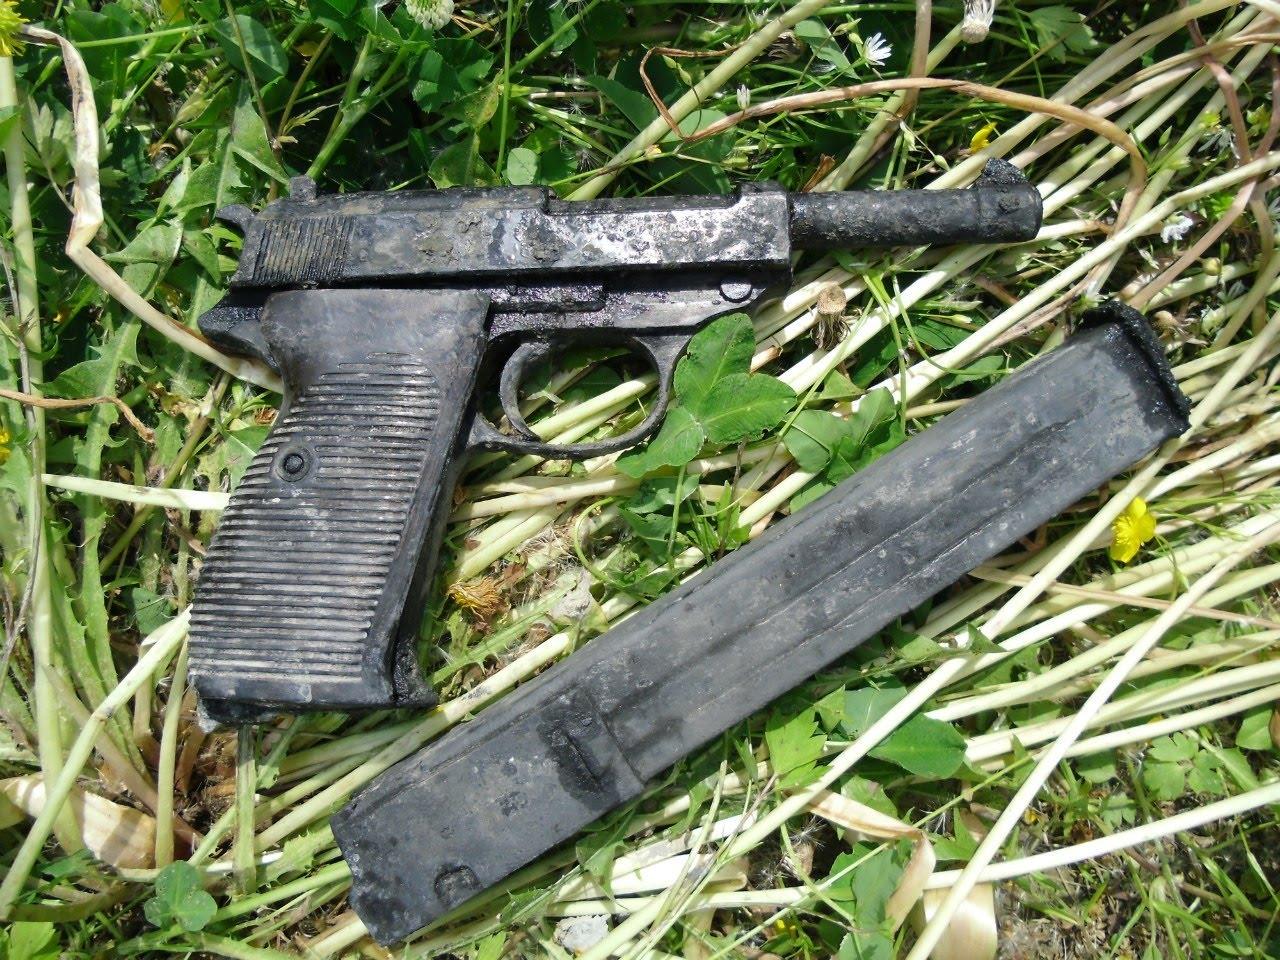 """Пистолеты. эхо войны (29 фото + 1 видео) """" ingood - развлека."""